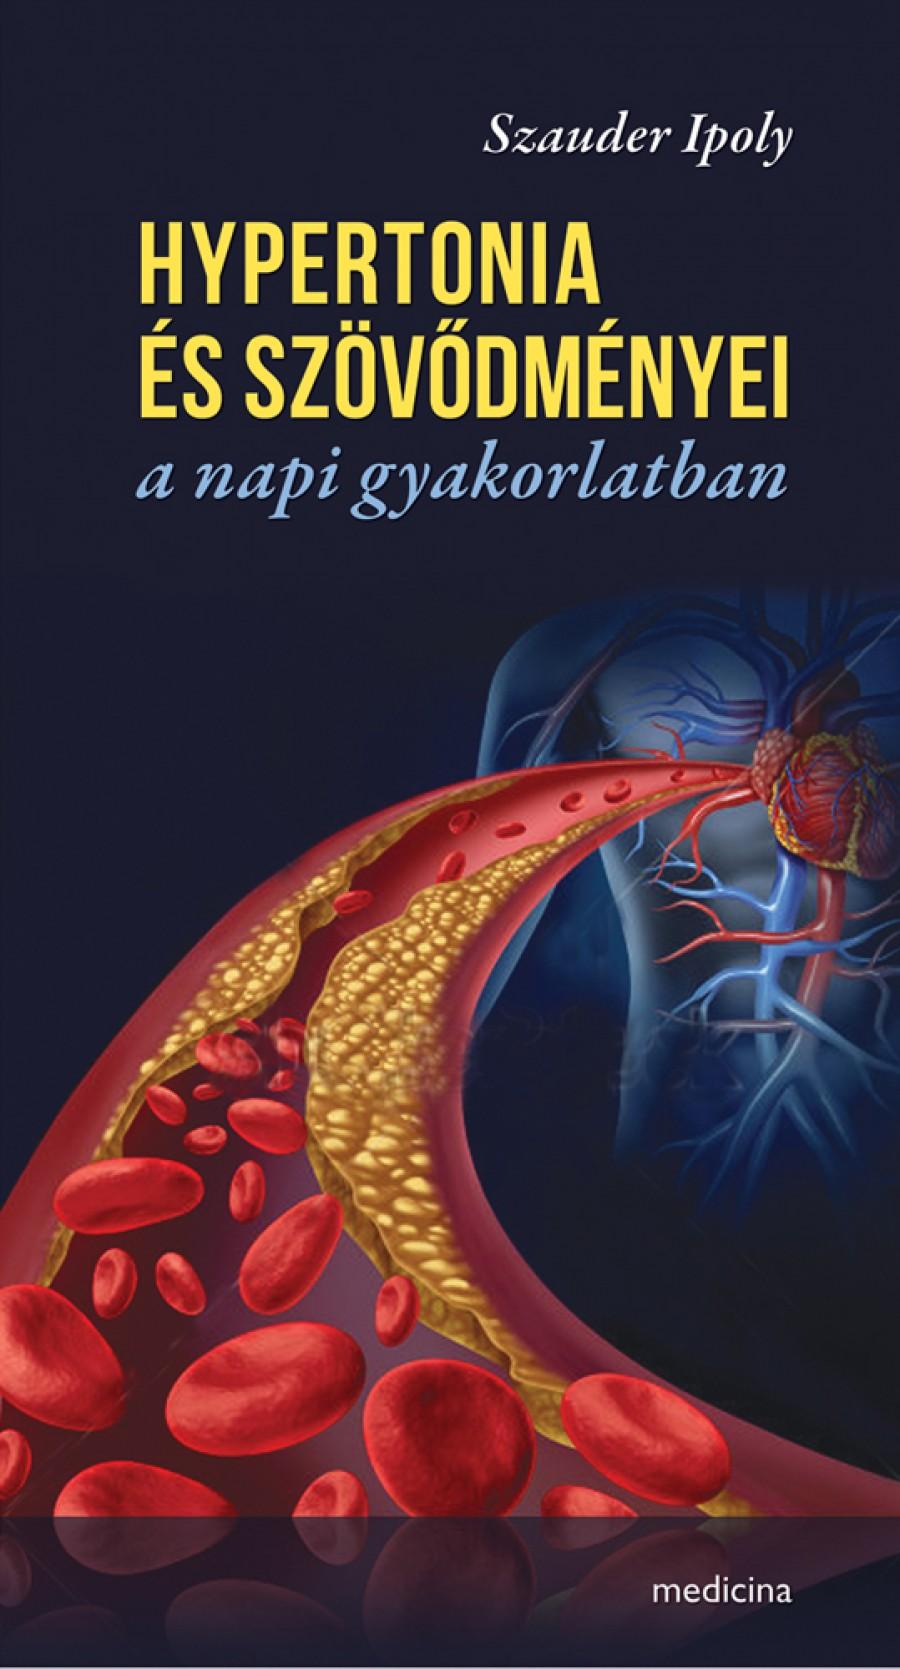 magas vérnyomás betegség videó asd-2 hipertónia esetén